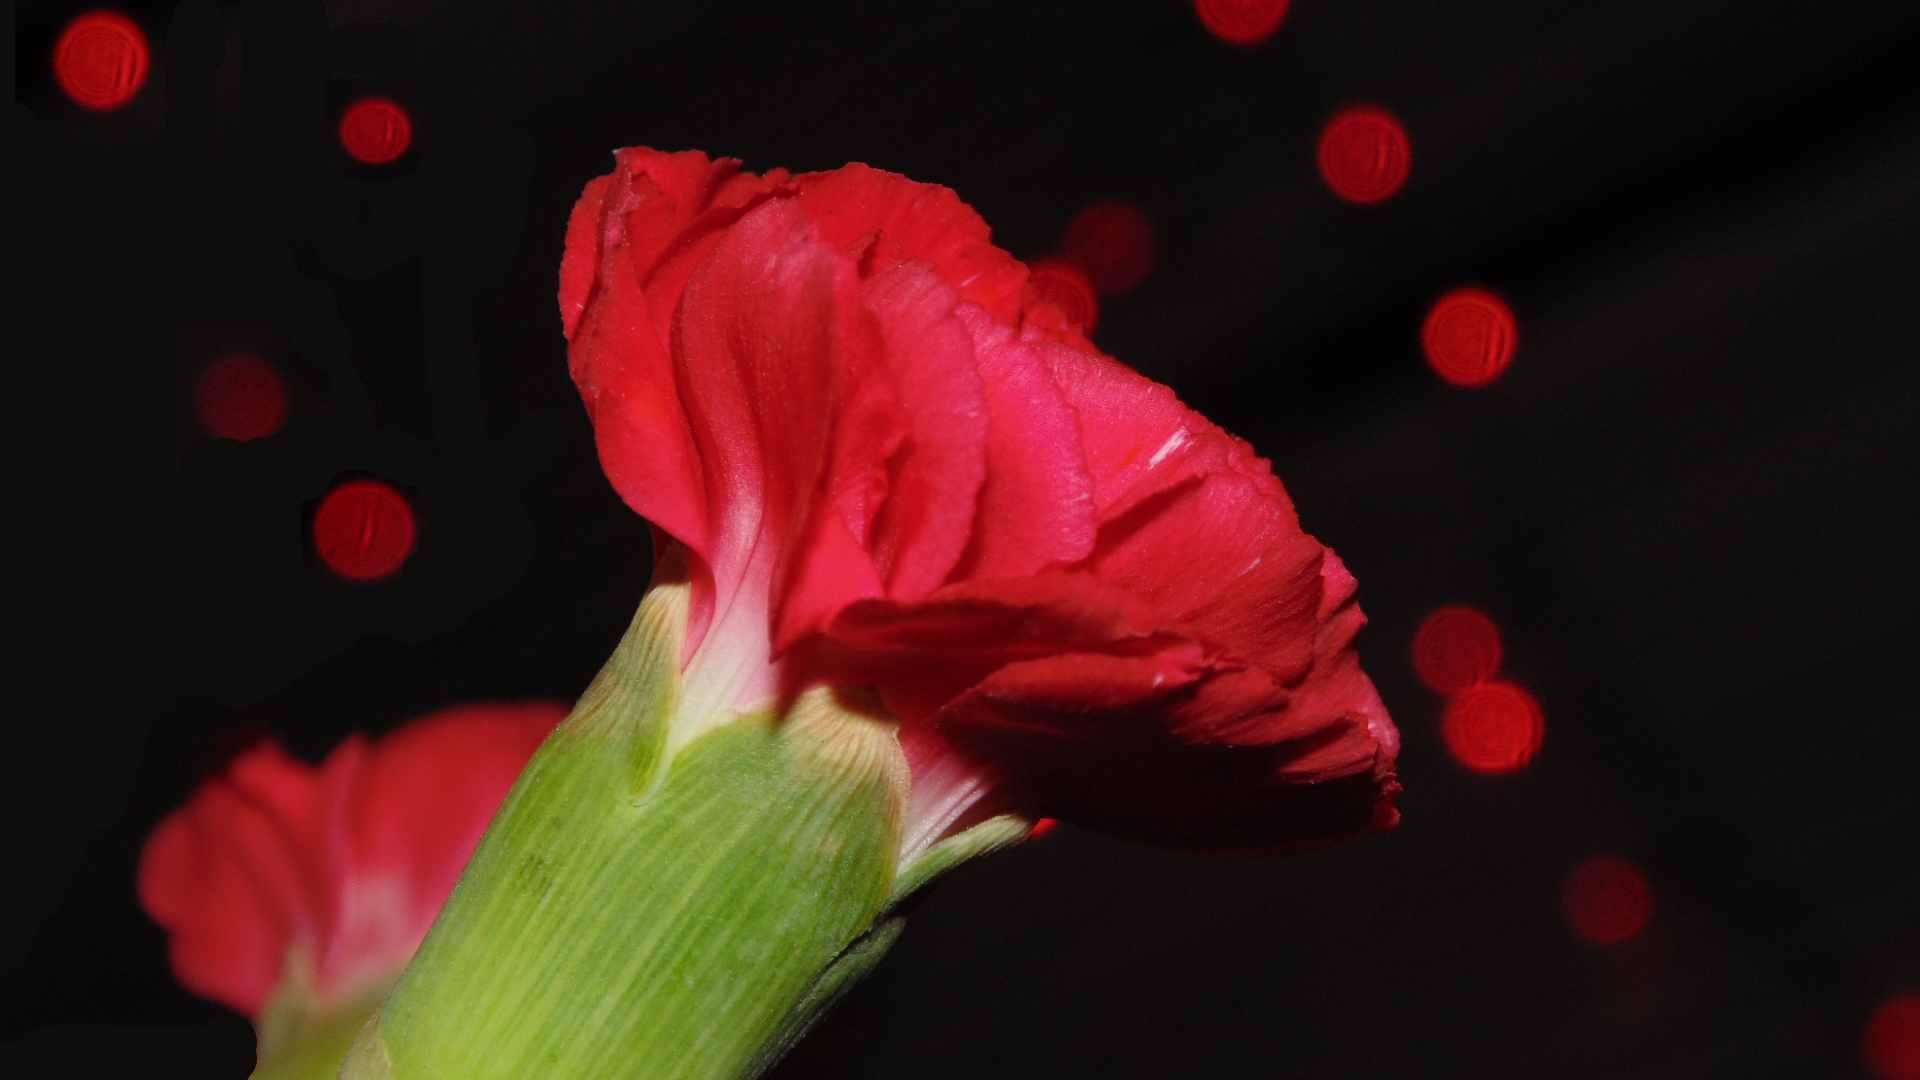 Wallpaper Flowers Light Red Flower Love Beautiful Lights